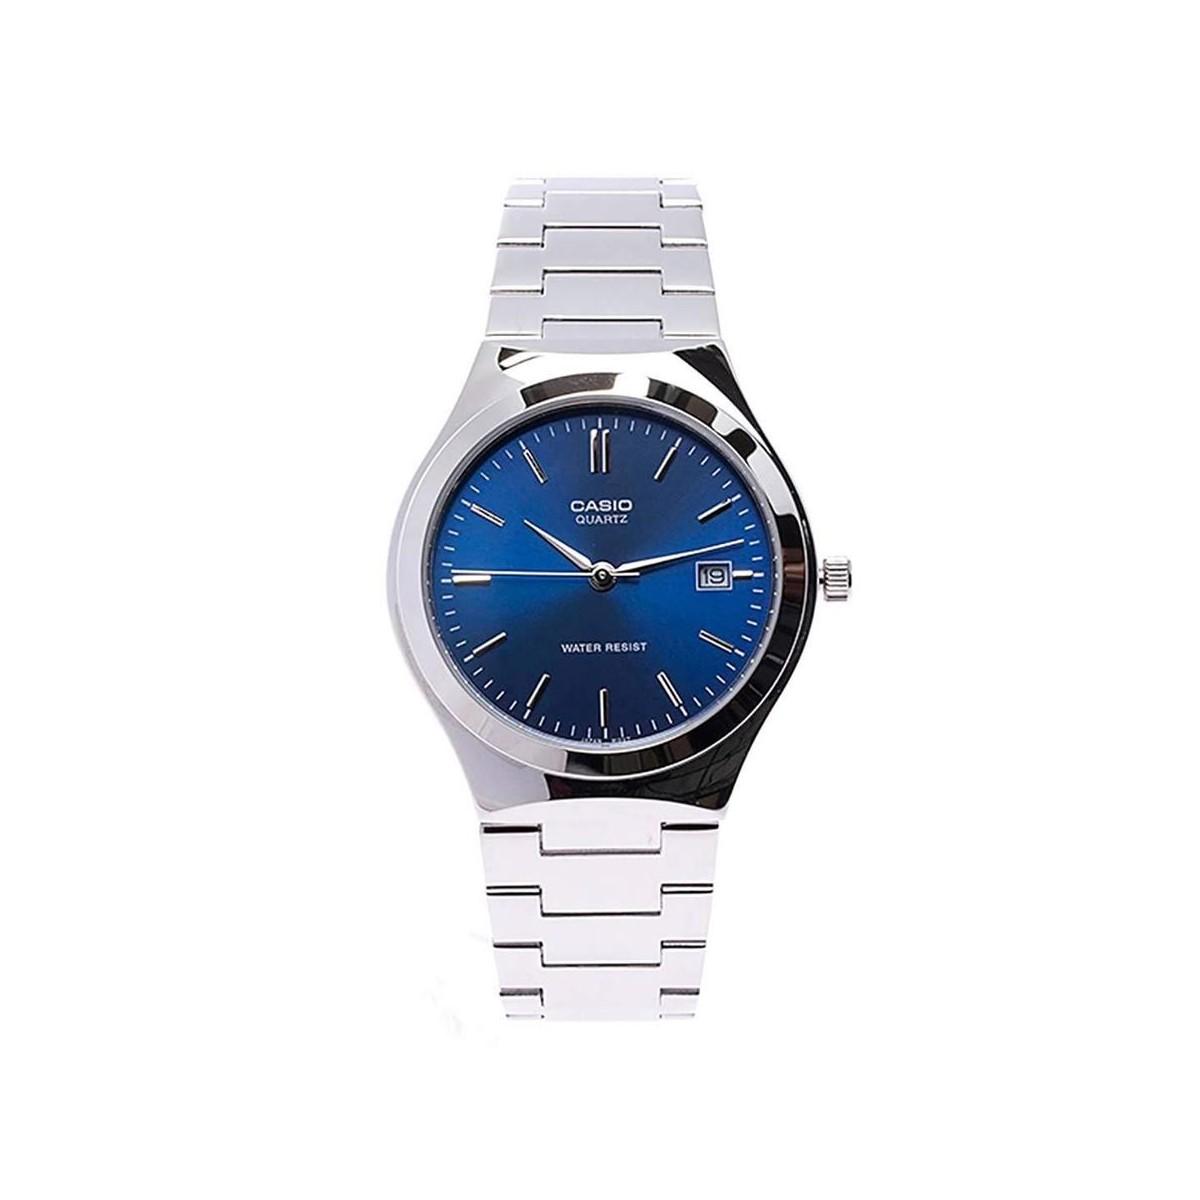 https://www.gaberjoyeria.com/5736-thickbox_default/reloj-casio.jpg